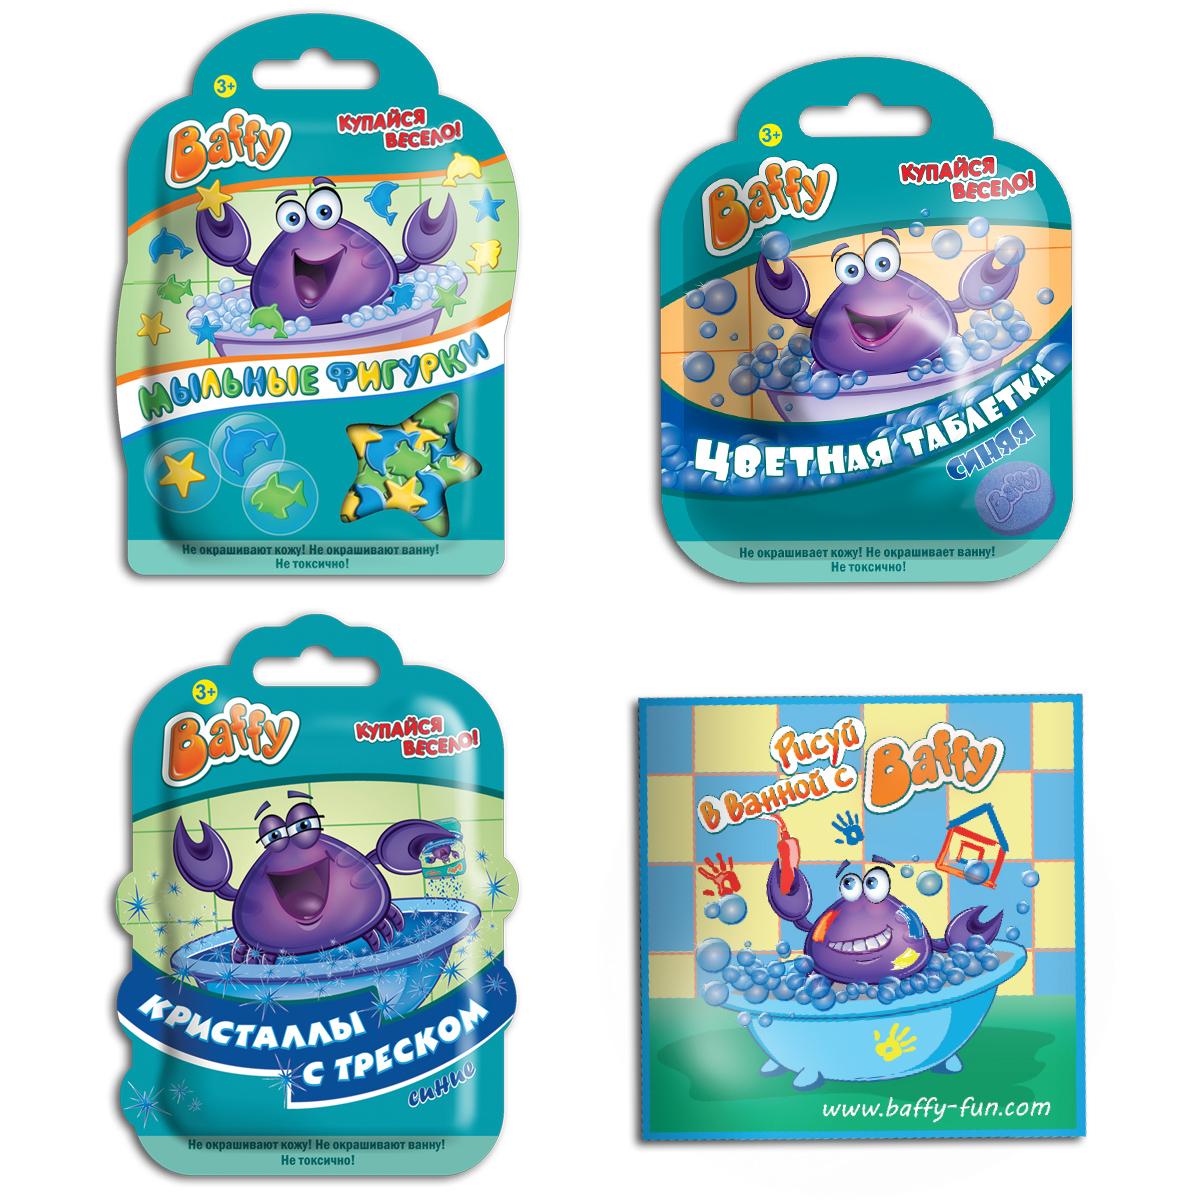 Baffy Набор средств для купания и веселья в ванной Party Set для мальчиковD0108Набор Baffy Party Set для веселья в ванной для мальчиков станет прекрасным подарком вашему ребенку к любому празднику! В комплект входит набор мыльных фигурок, цветная таблетка, два пакетика кристаллов с треском разных цветов и оригинальный стикер. Цветная таблетка окрасит воду, кристаллы с треском будут удивительно потрескивать при взаимодействии с водой, а мыльные фигурки можно клеить на нежную детскую кожу, украшать стенку ванны, высыпать в воду и играть с ними. С таким набором любое купание превратится в увлекательную и веселую игру! Товар сертифицирован.